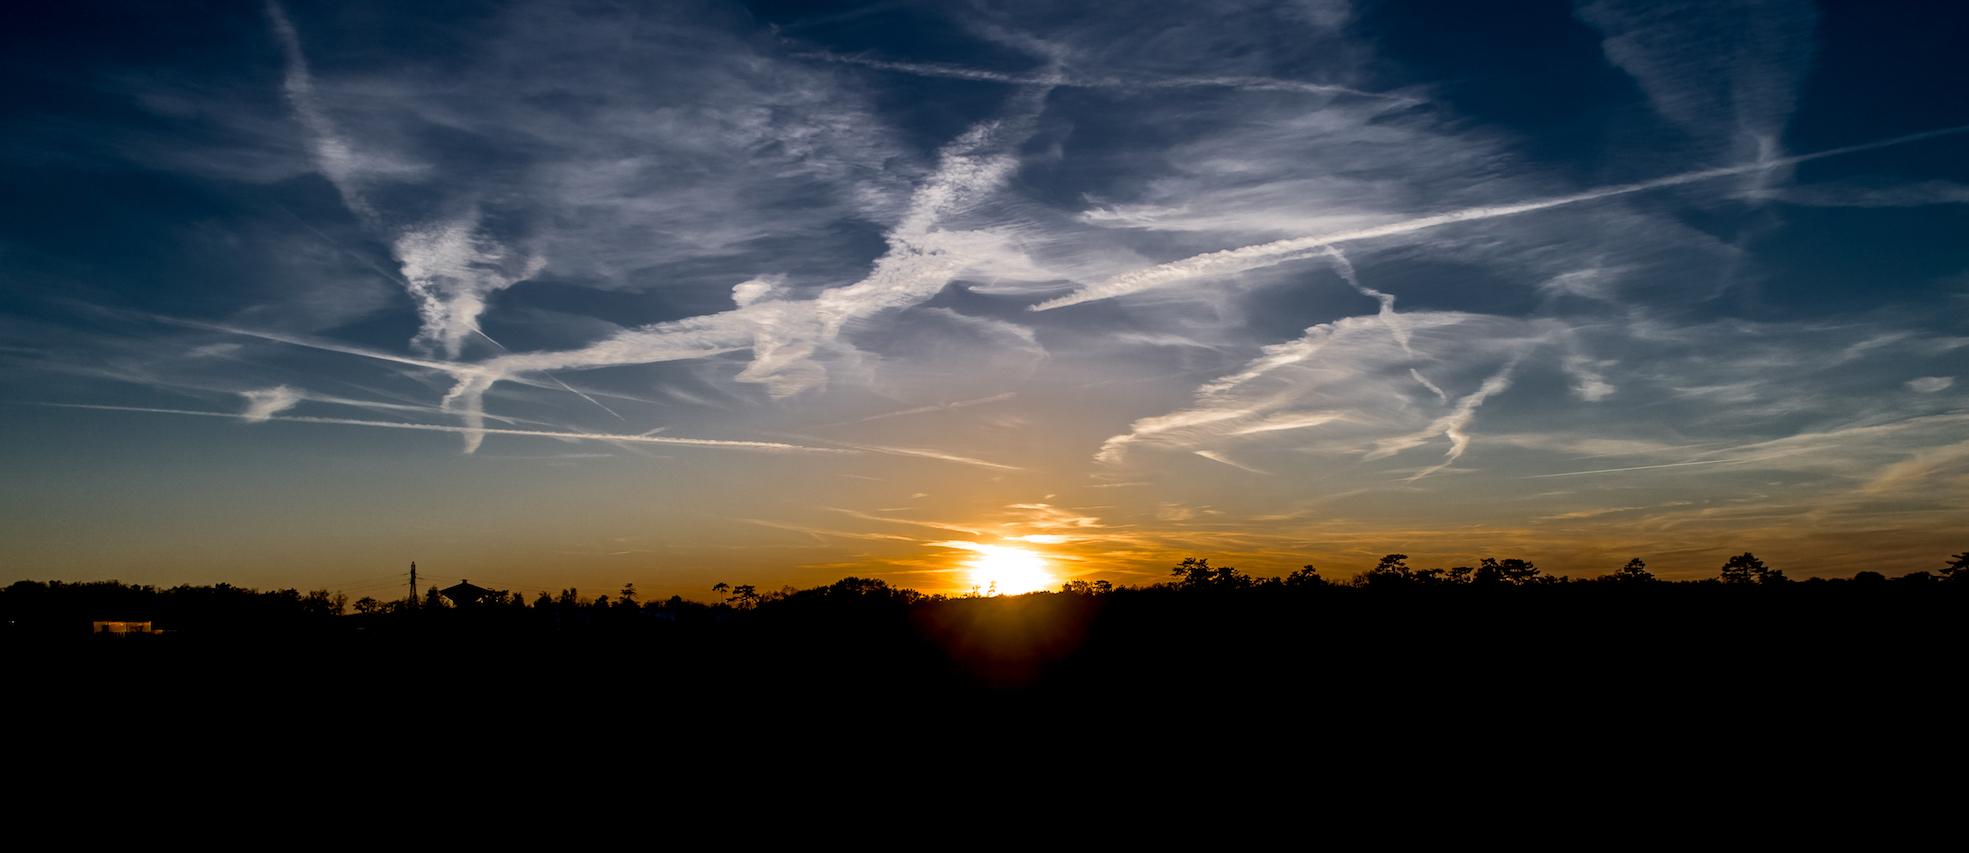 THE coucher de soleil